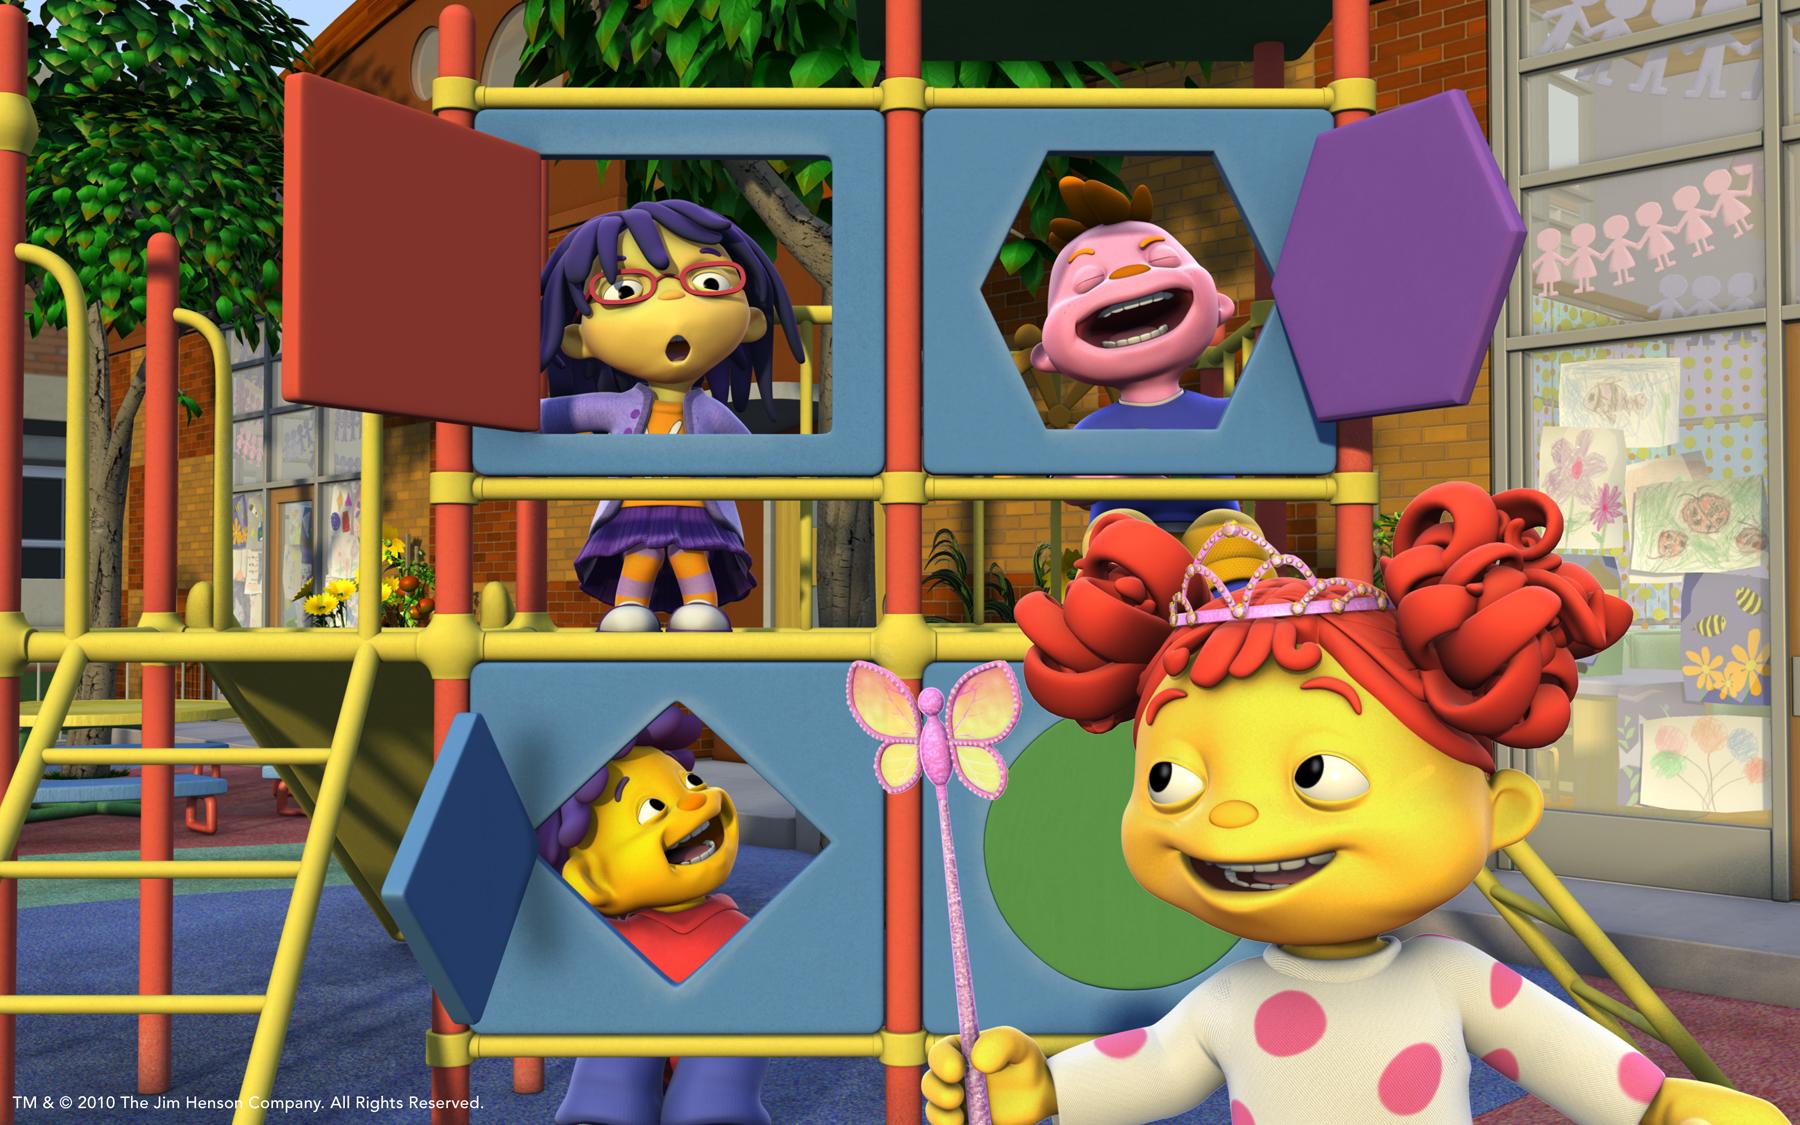 Image - Sid the science kid - slide.jpg | Henson Digital Puppetry ...